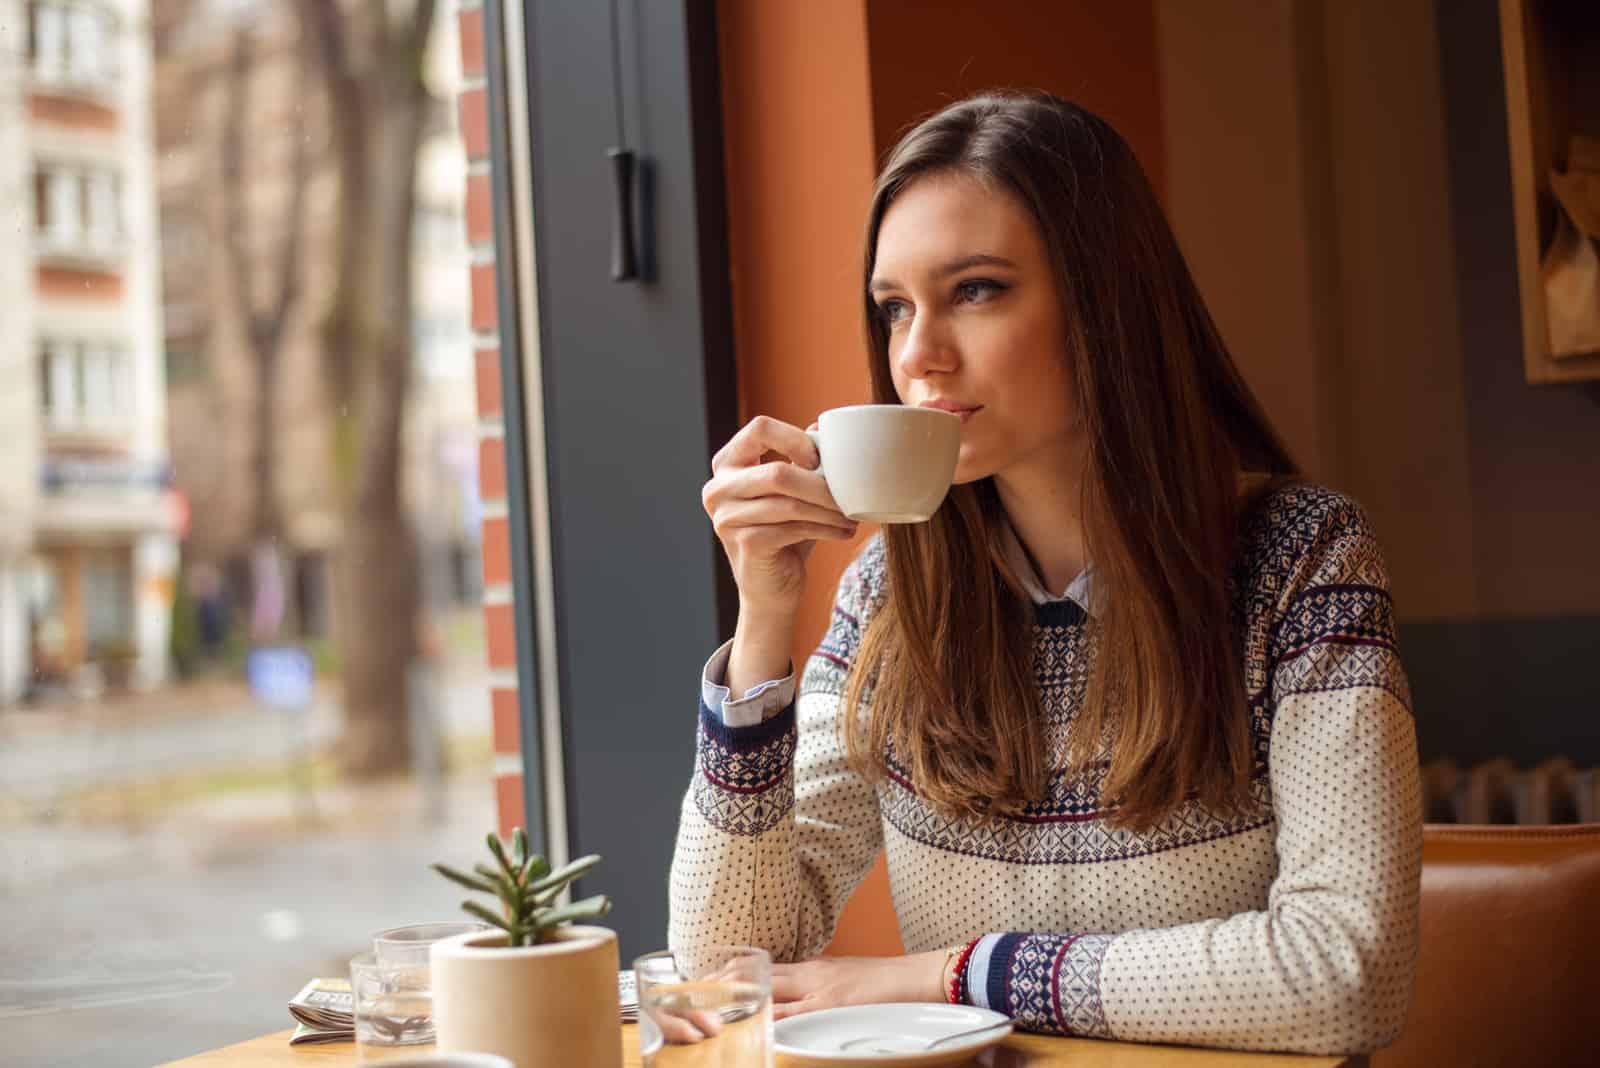 la femme s'assoit et boit du café